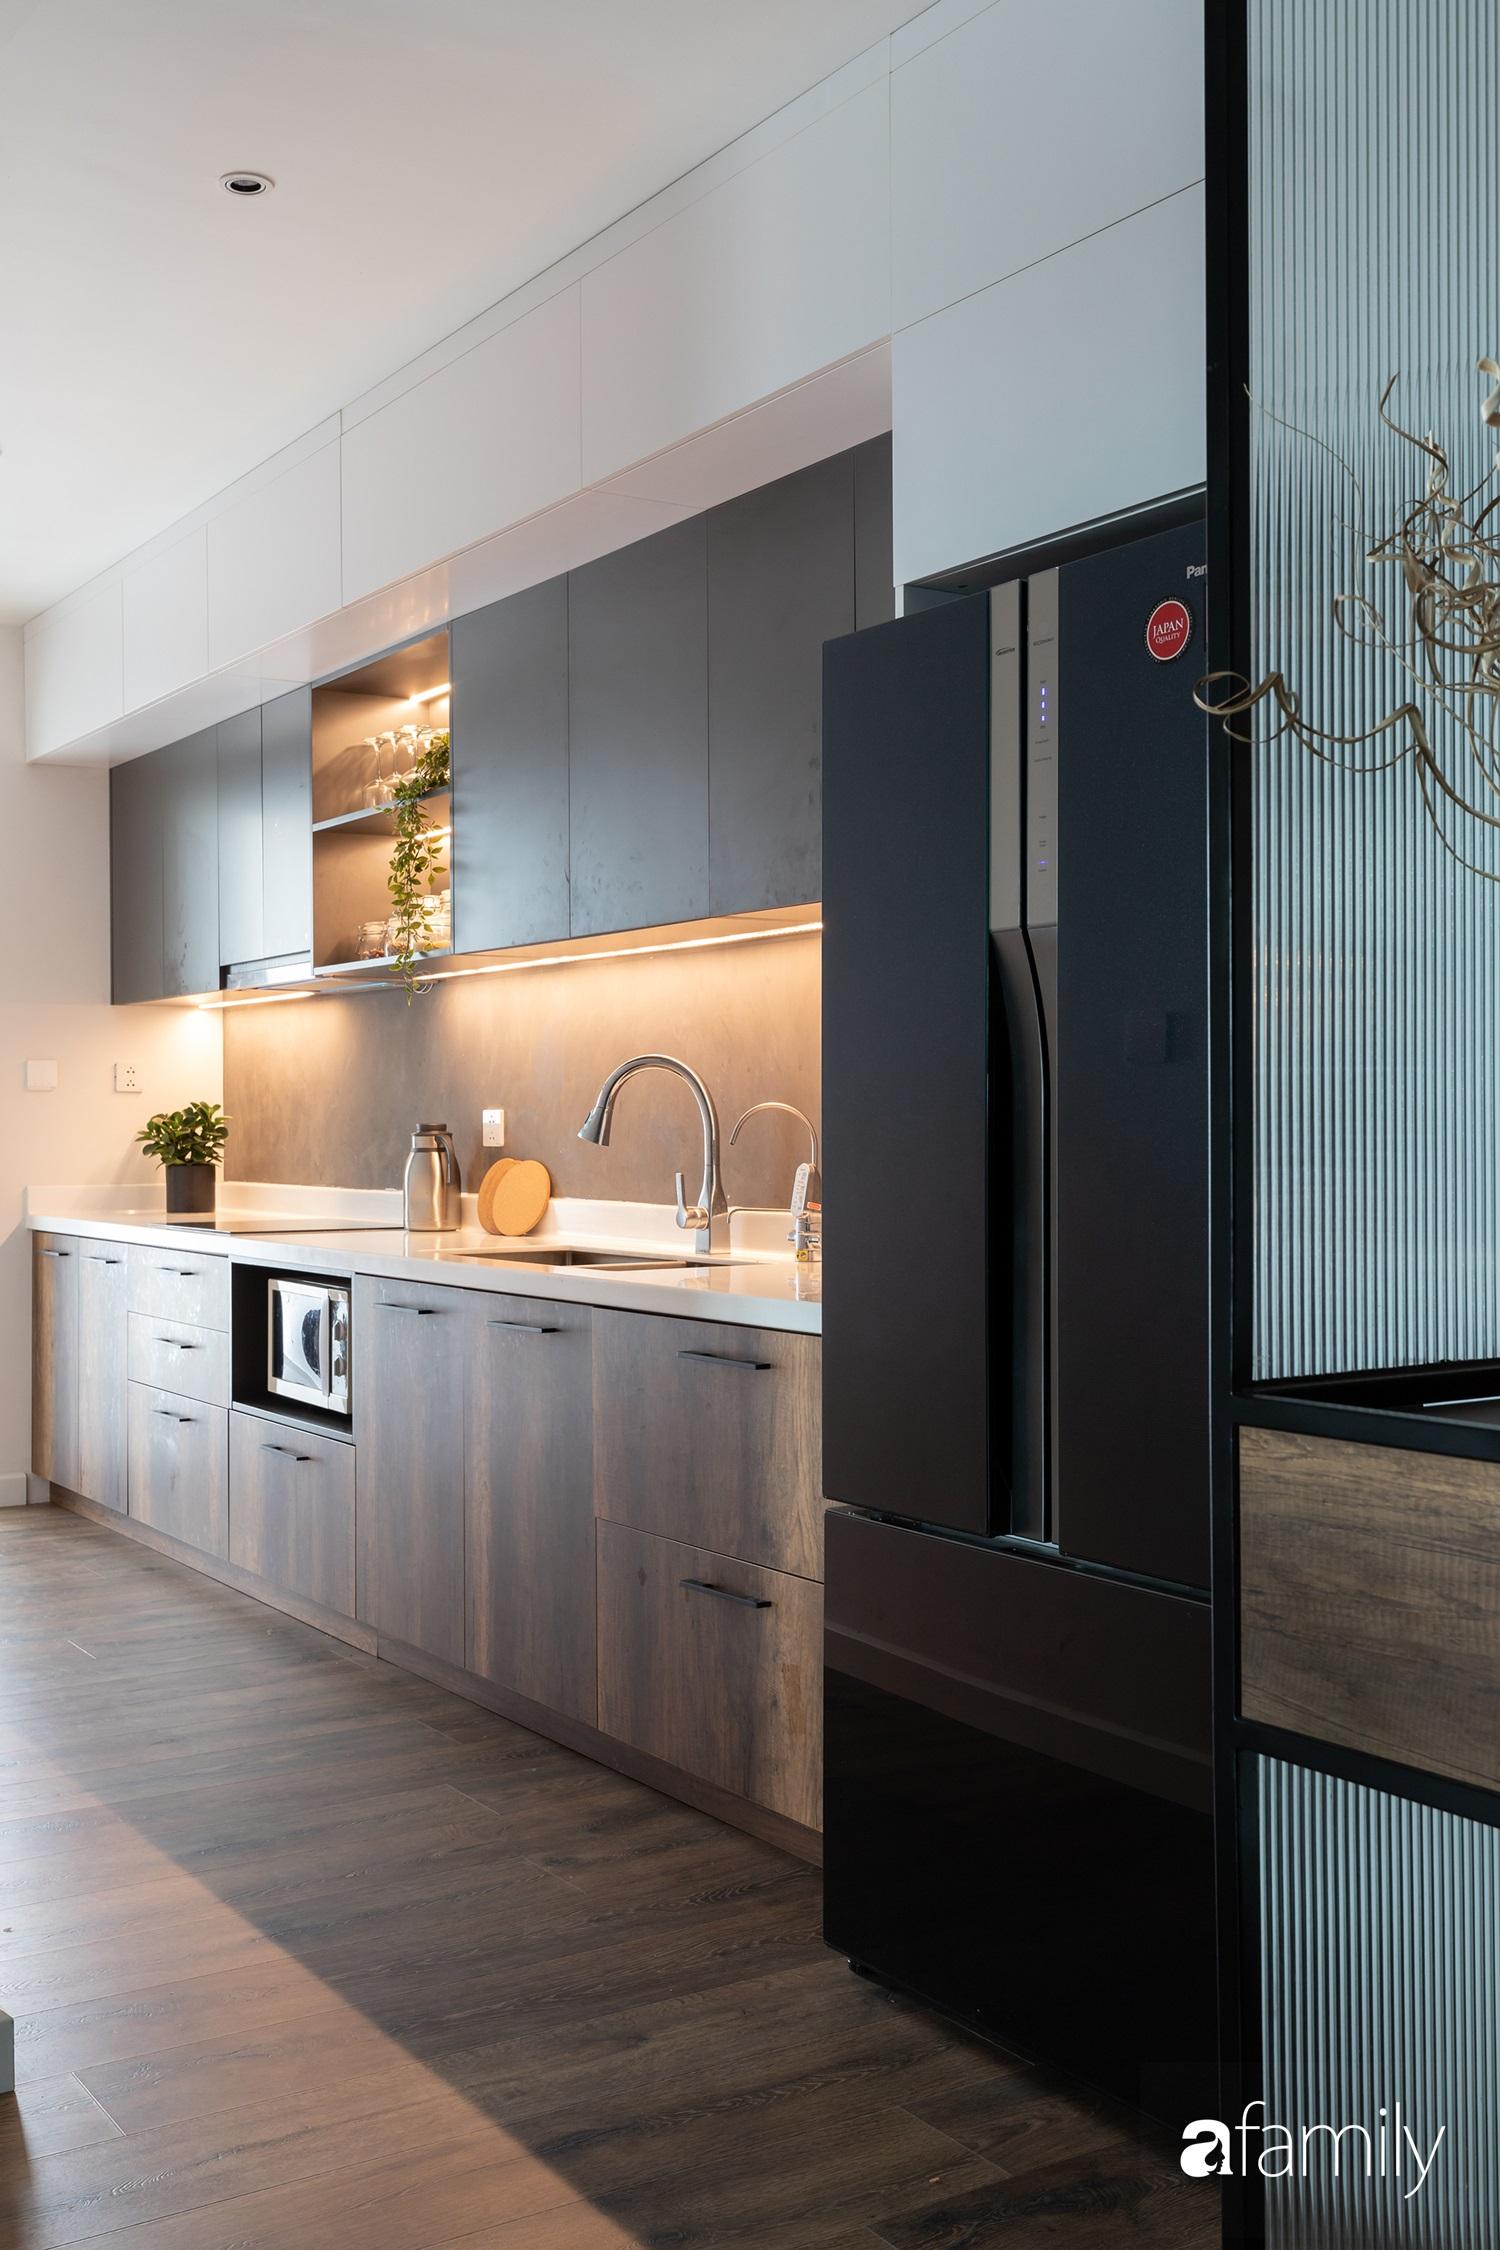 Căn hộ với chi phí phần nội thất gỗ có giá 200 triệu đồng đẹp cuốn hút theo phong cách tối giản ở Hà Nội - Ảnh 7.